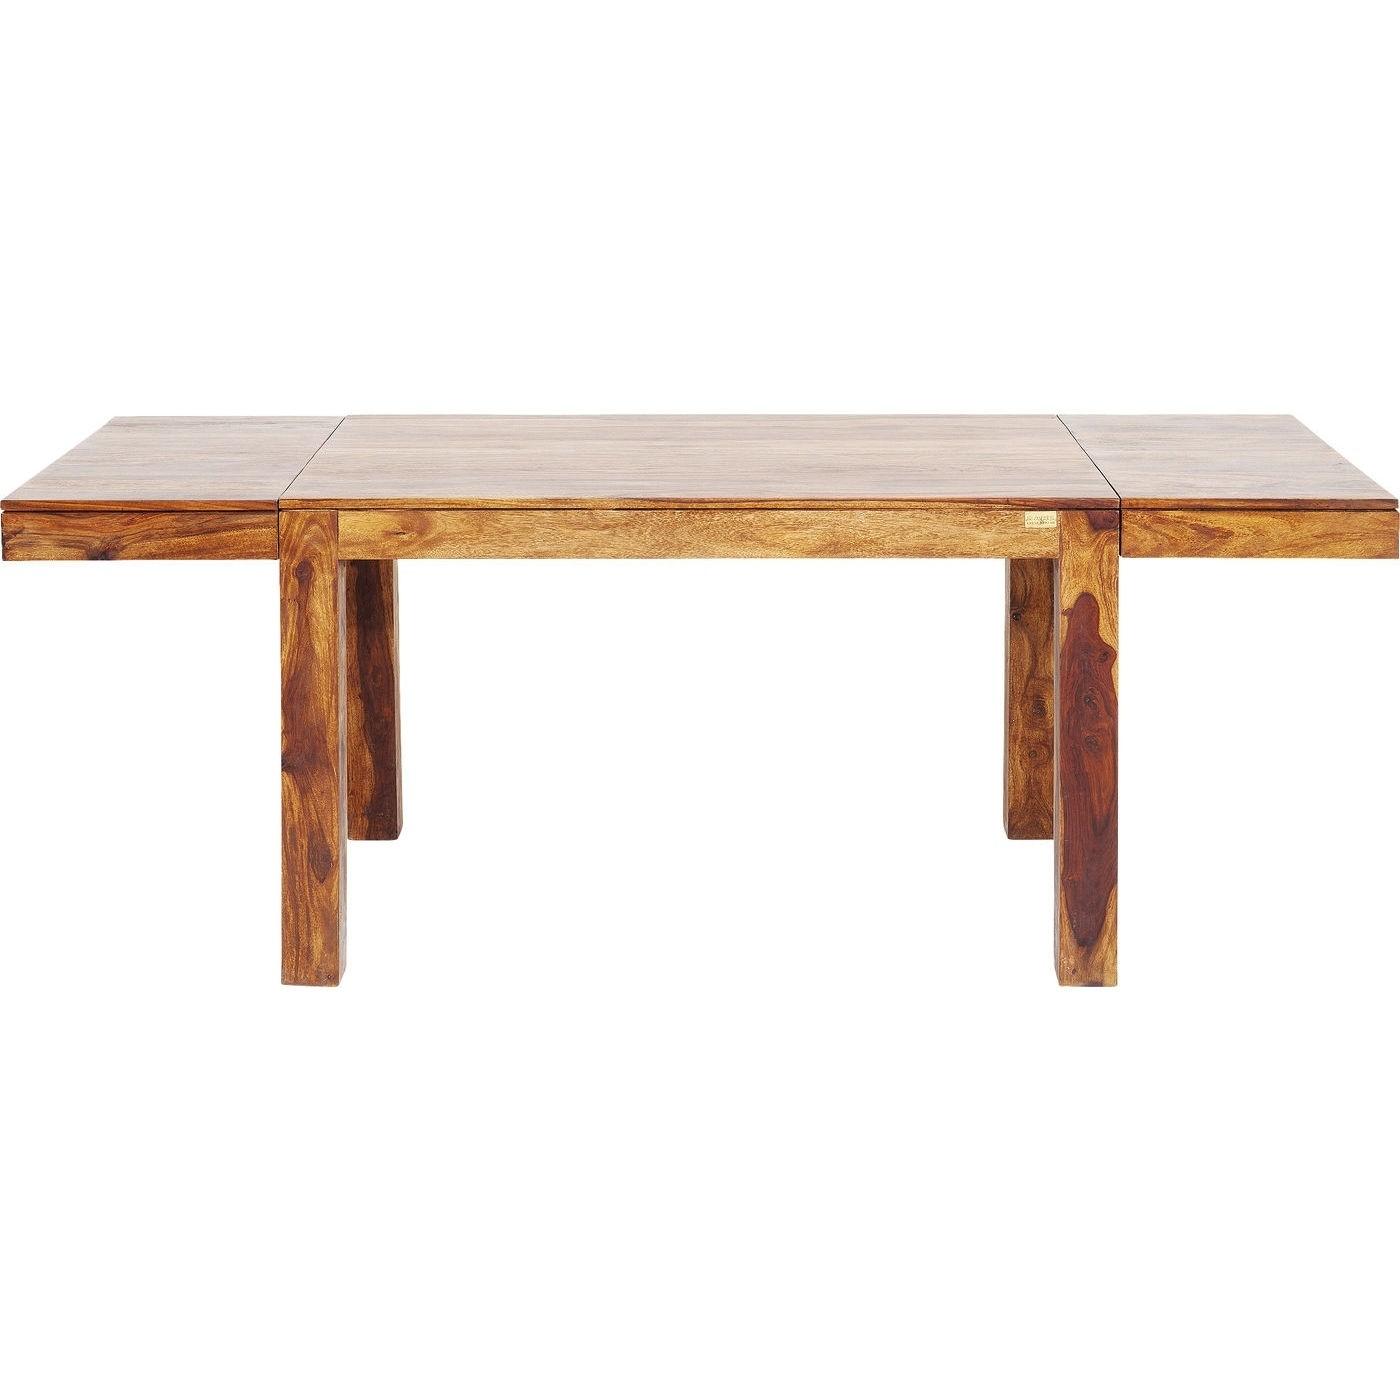 Kare Design Momo spisebord m. 2 tillægsplader - sheeskam/palisander træ (120-200cm x 80cm) thumbnail